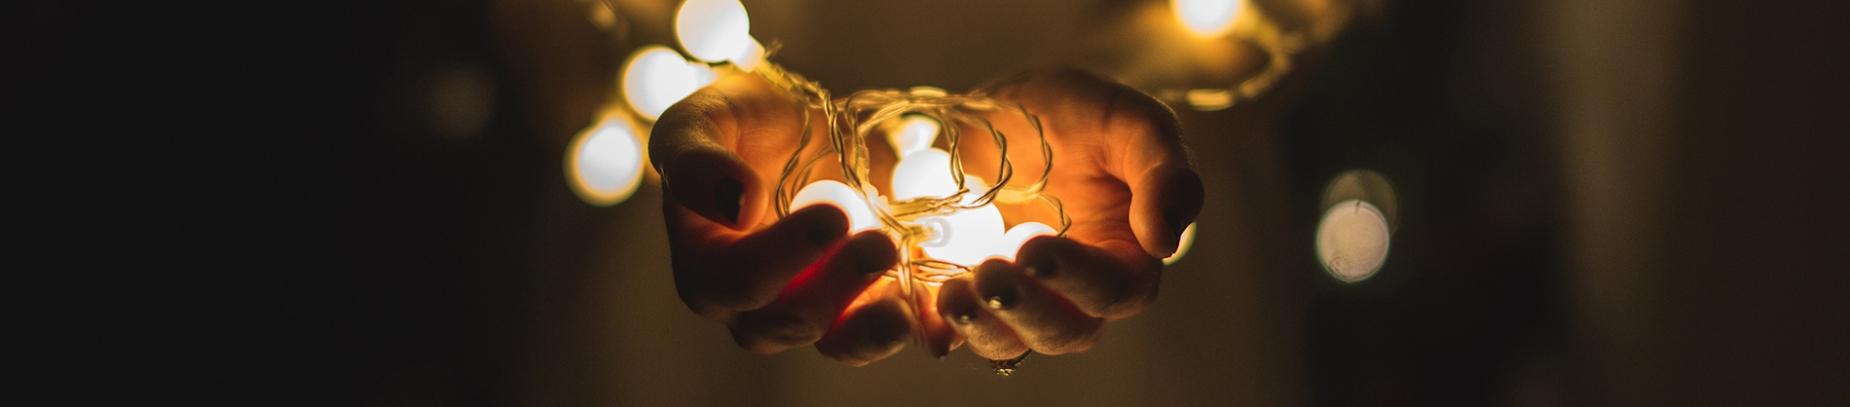 A women holding lit string light bulbs